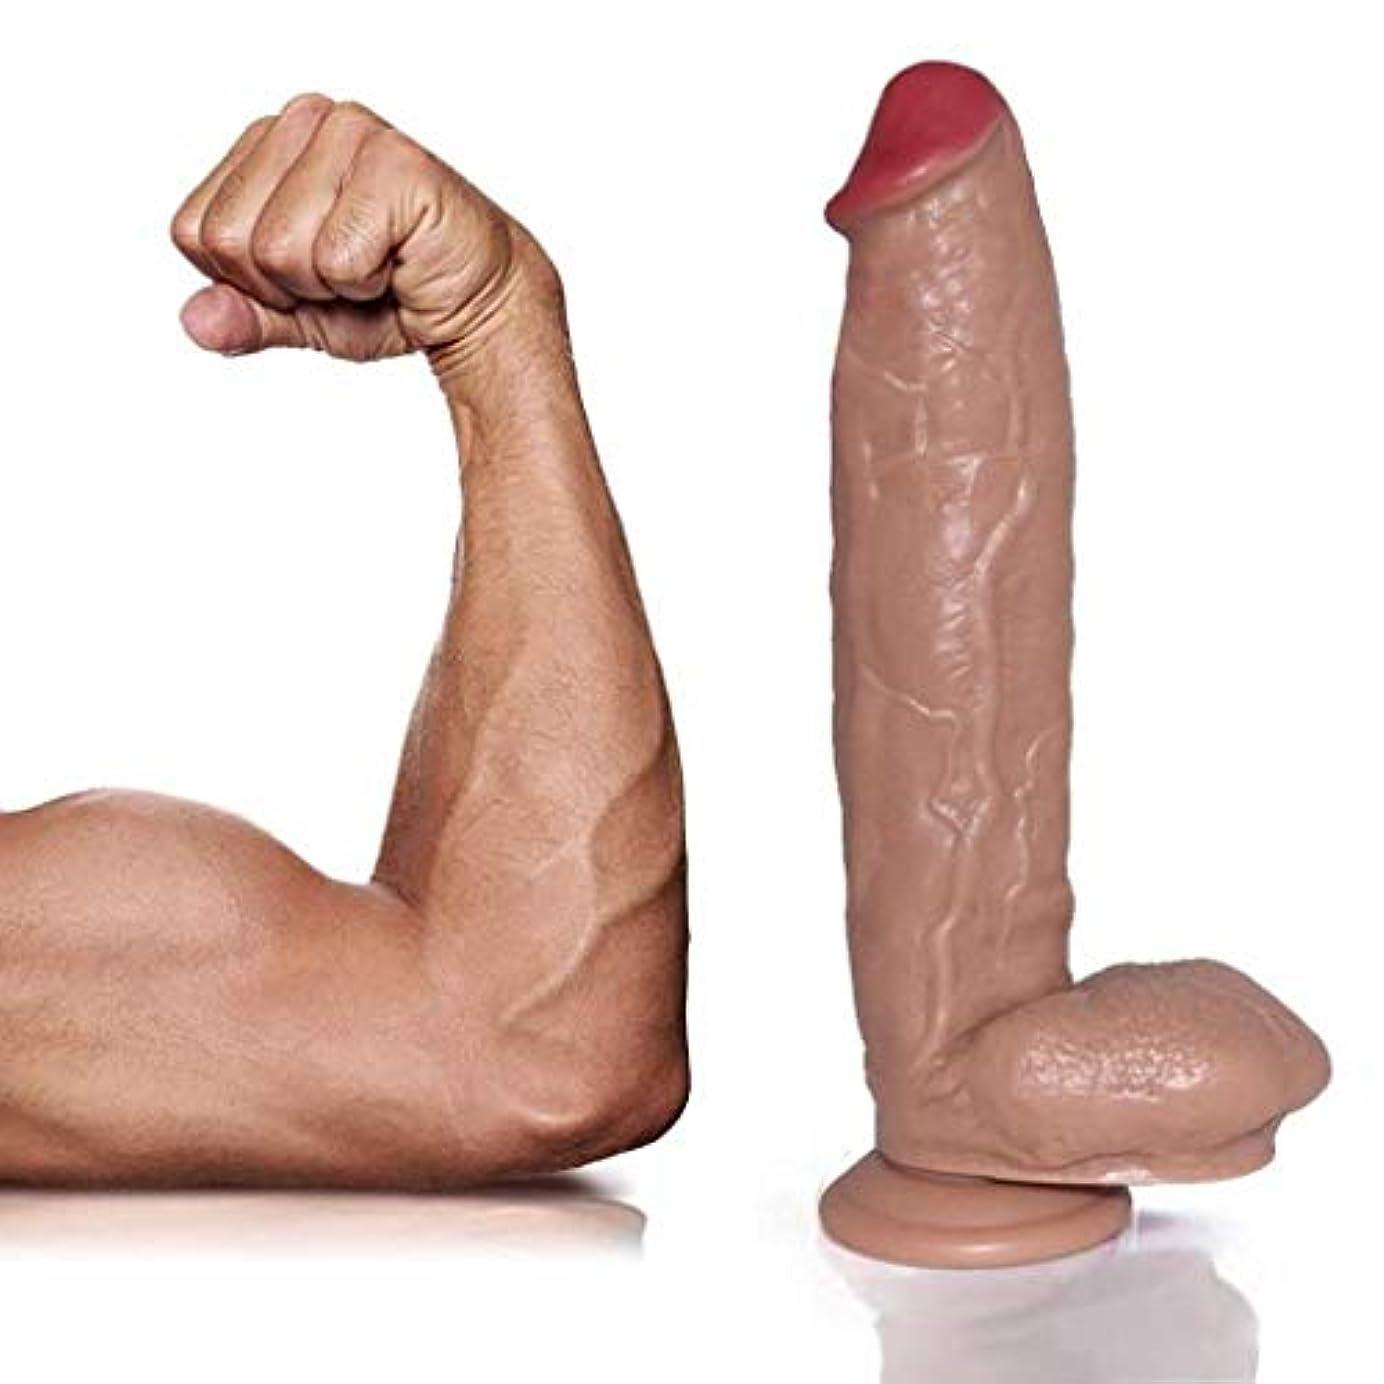 概要便益スリップ女性男性初心者の研究11.8インチのマッサージおもちゃ用吸盤付きリアルな防水大型PVC